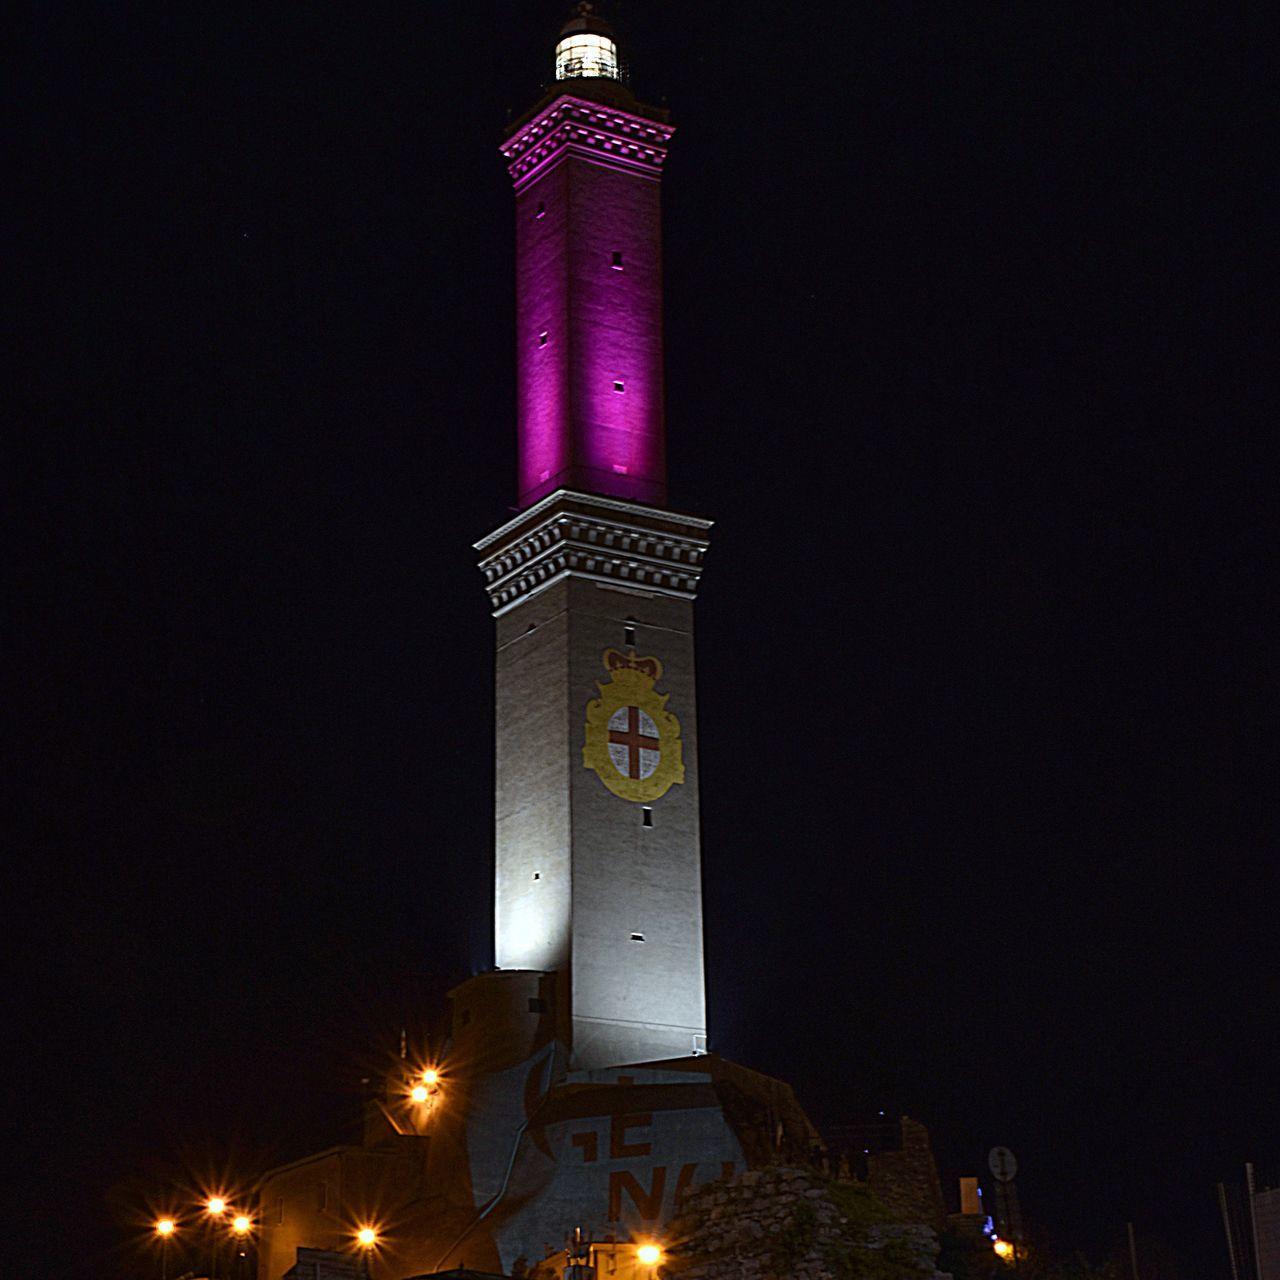 Illuminated Night Midnight Lanterna Genova Night City Ig_genova Genova ♥ Light Effect Nightlights Lanterna Di Genova Night Lights Night Photography Nightphotography Genovaèbella❤